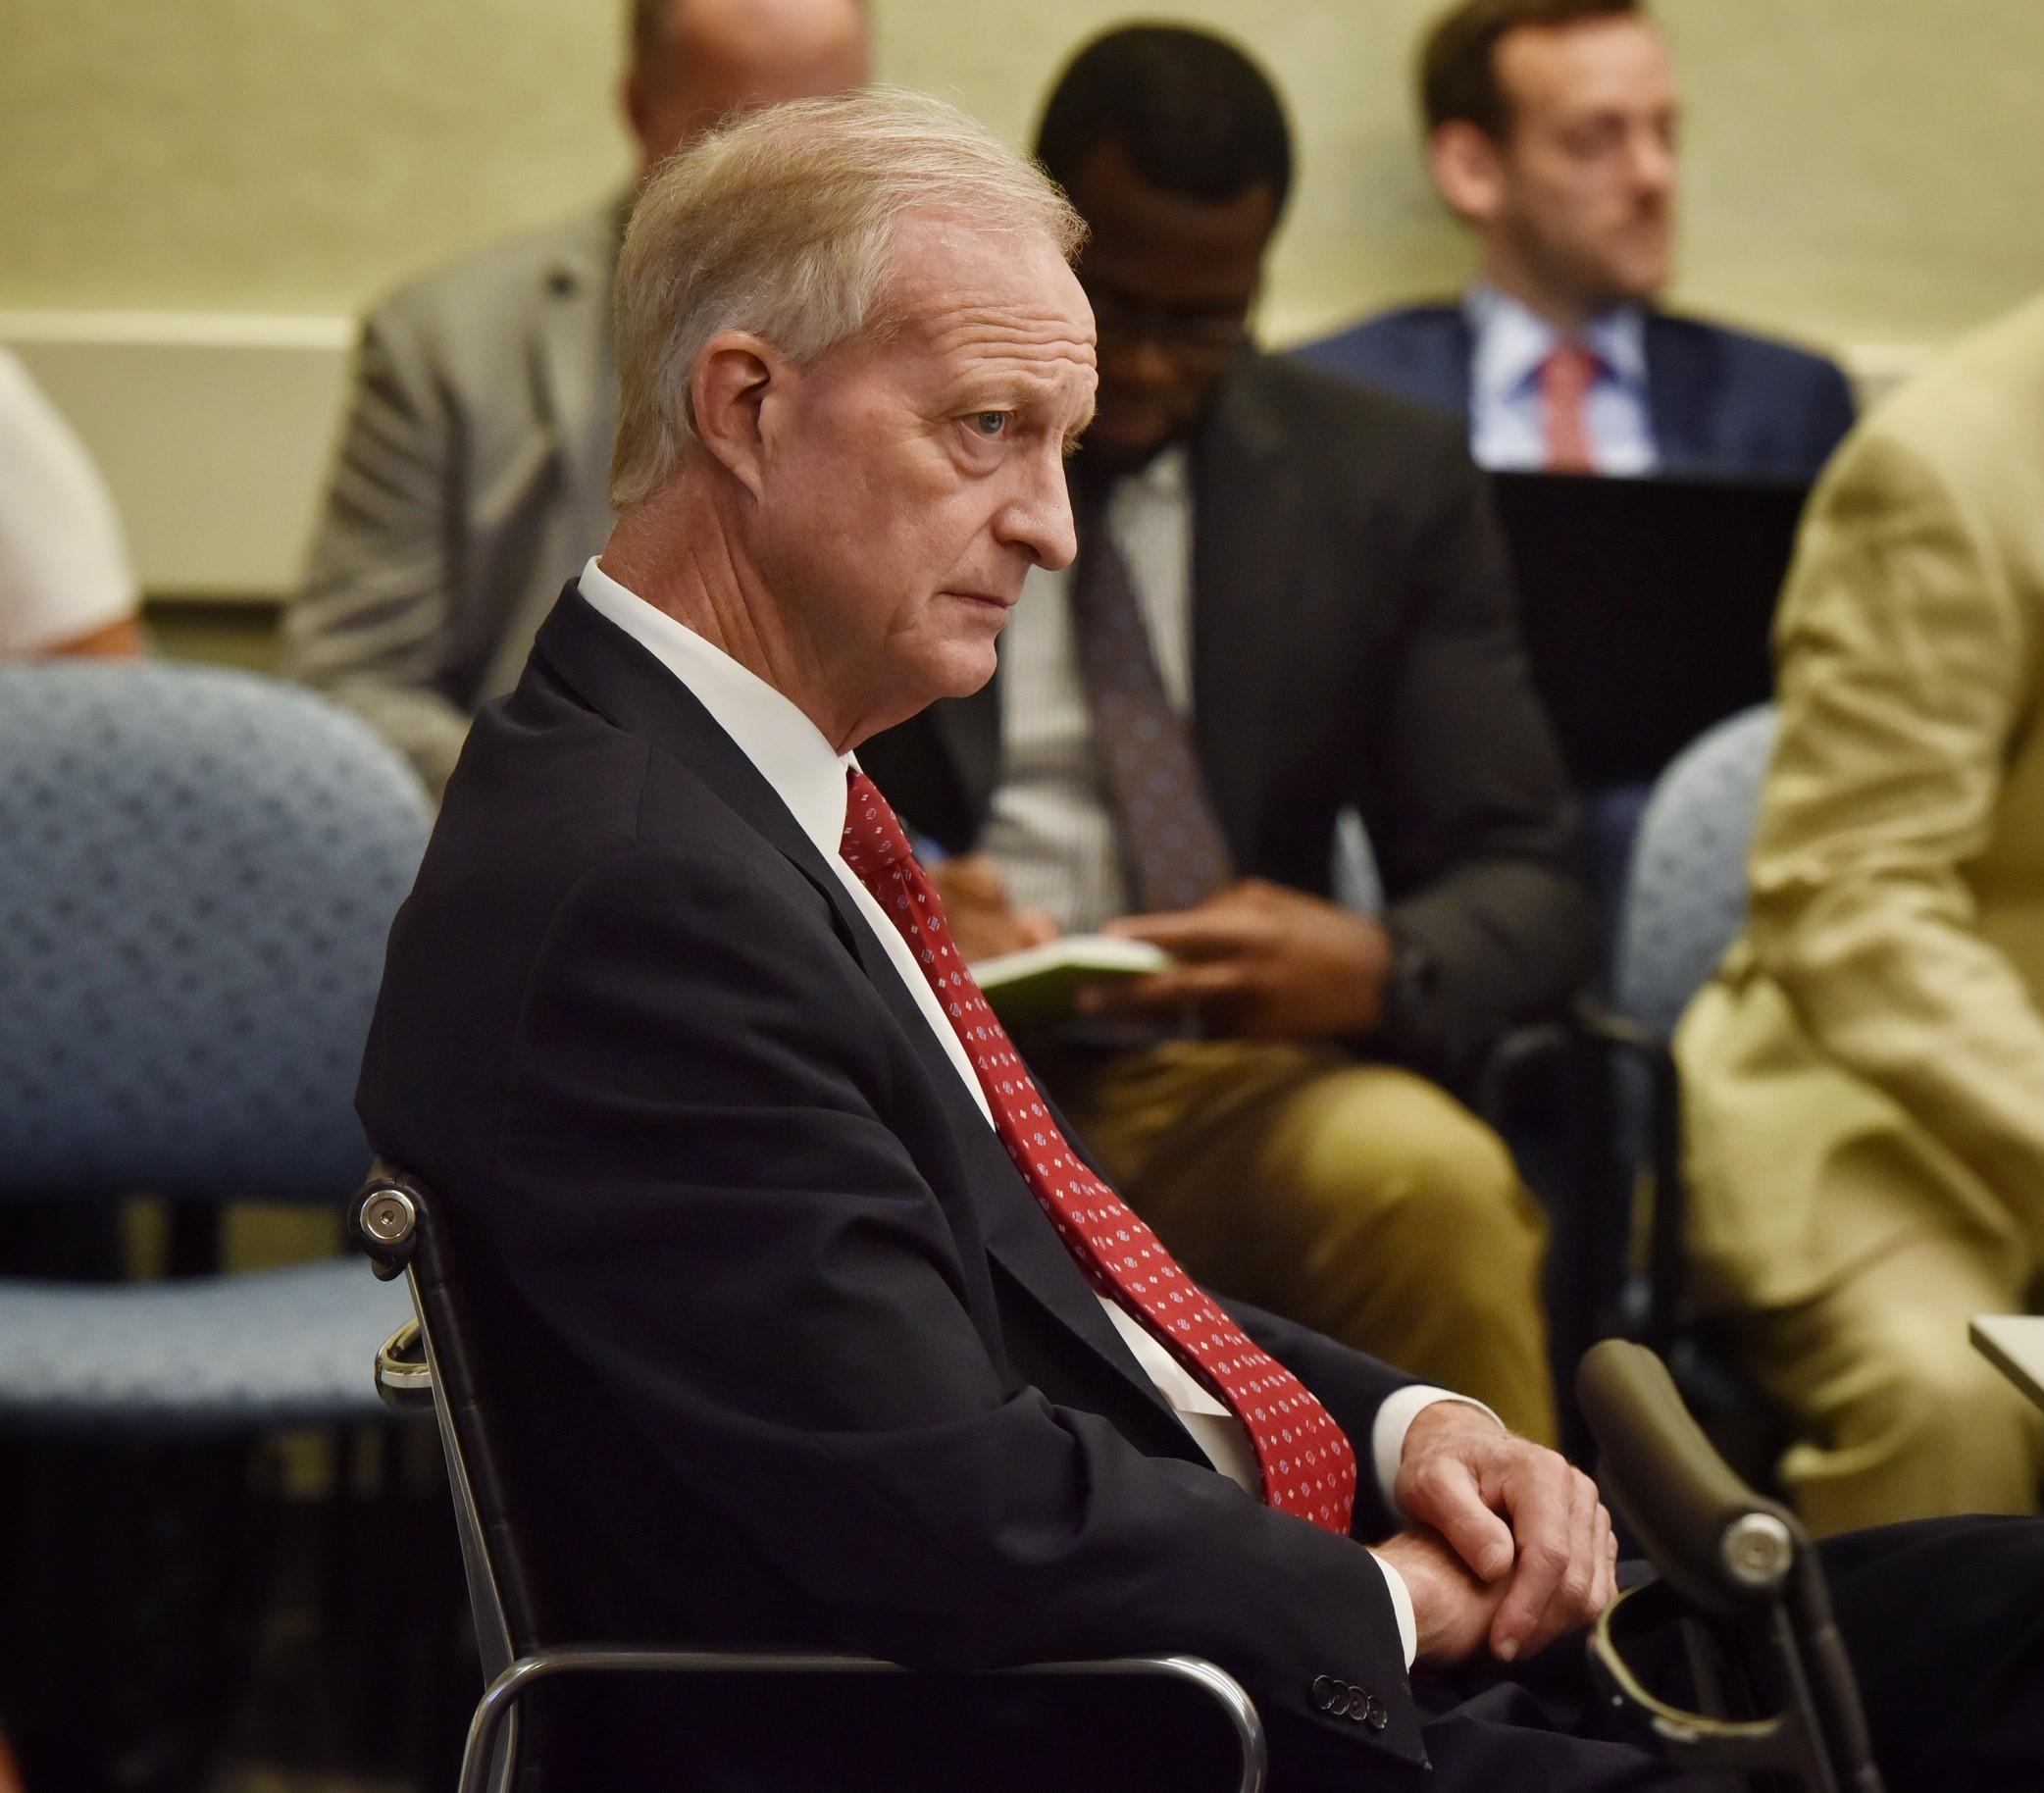 Metro Has Received Two Federal Subpoenas In Jack Evans